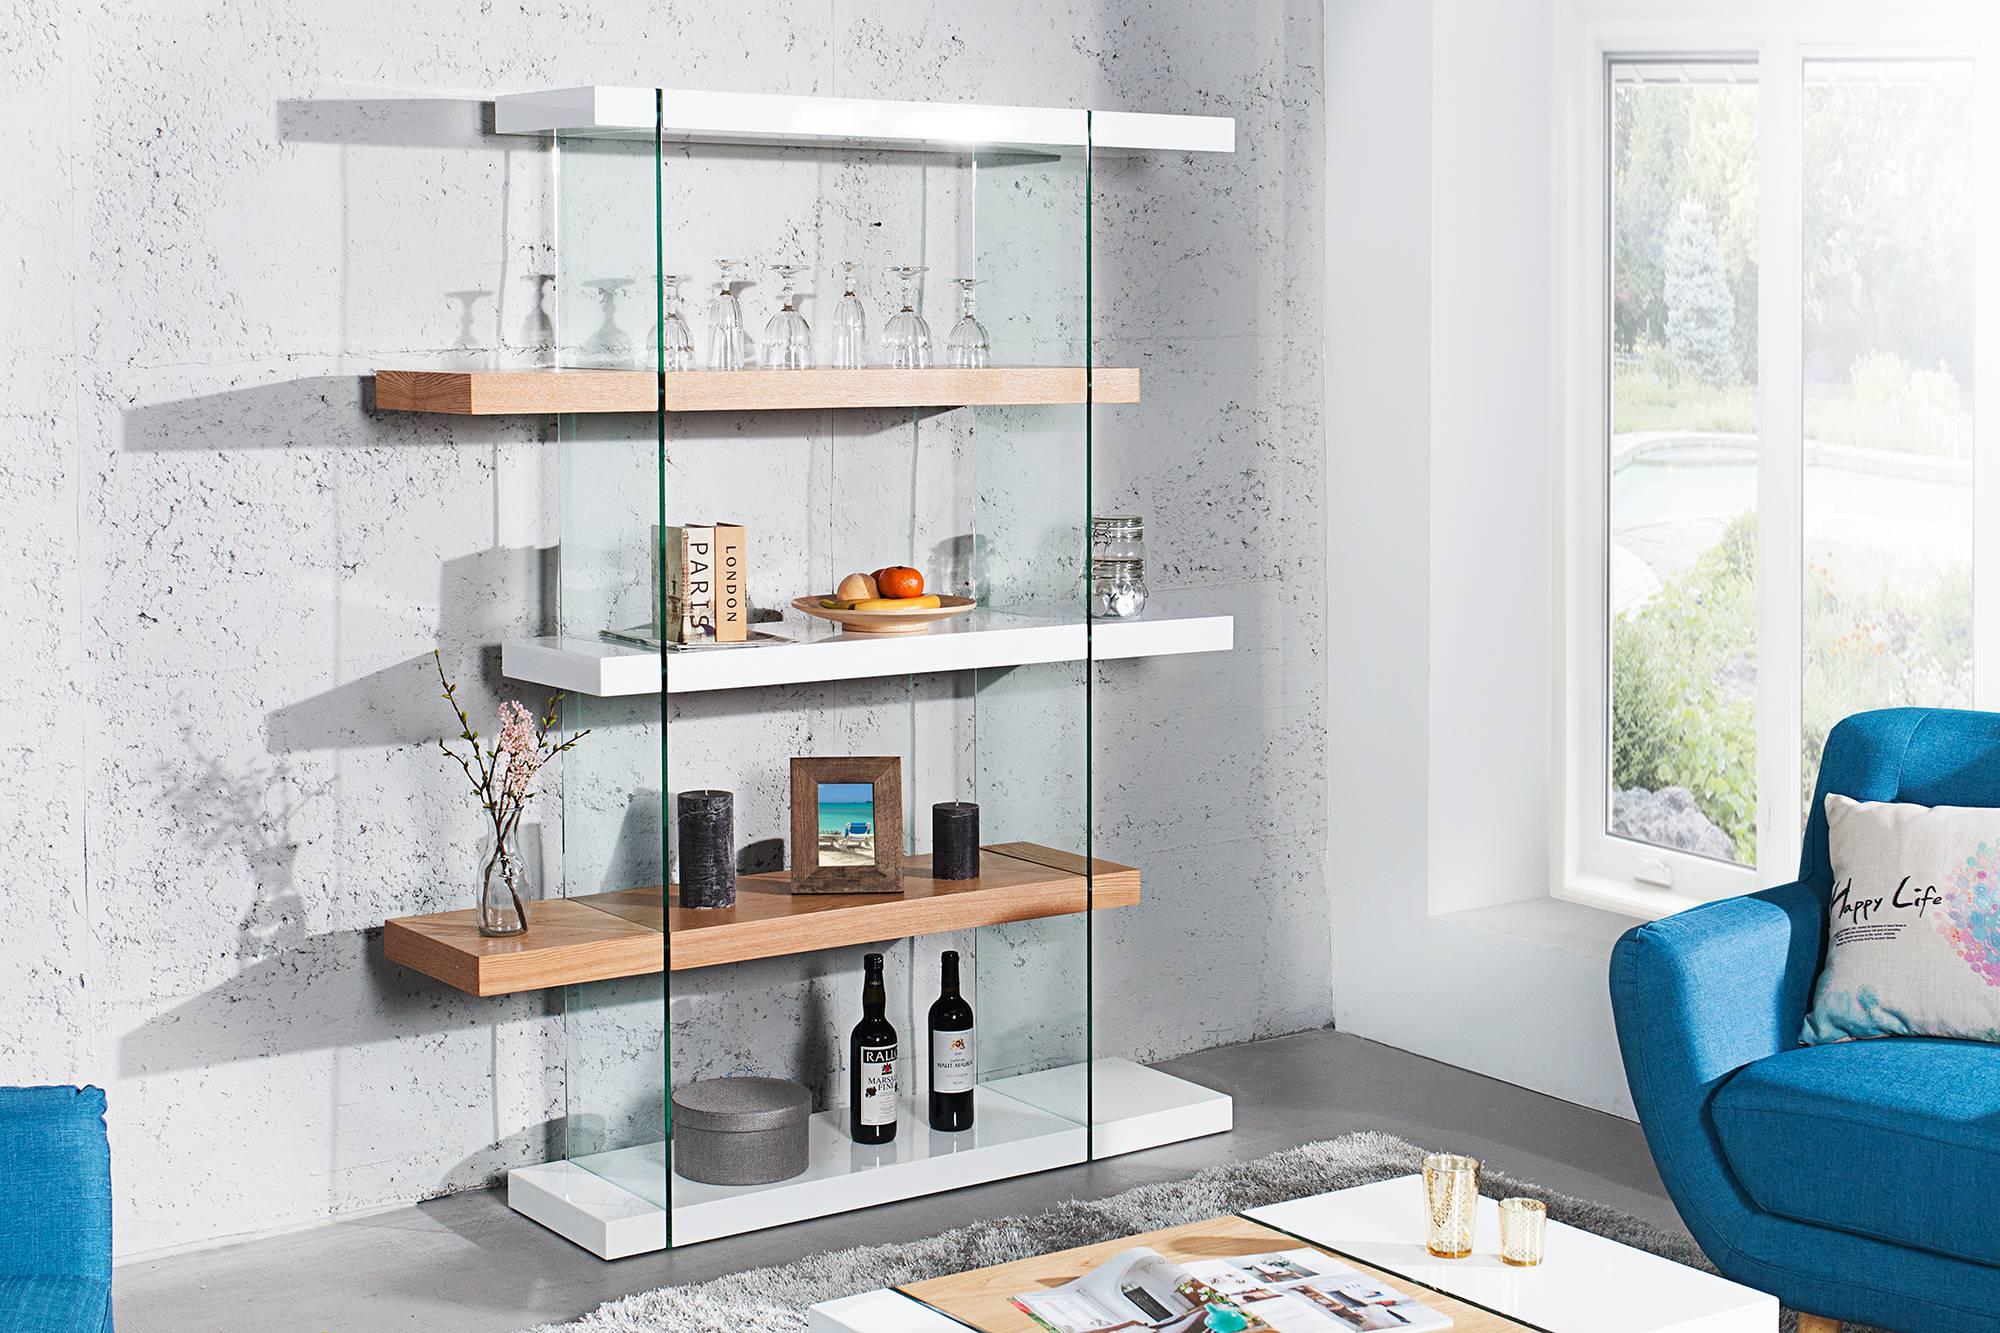 """Predstavujeme Vám moderné bývanie s naším vysoko kvalitným dizajnovým nábytkom zo série Livid. Tvar a spracovanie sú dokonale zladené s vysoko kvalitnými materiálmi skla a lesklej pravej dubovej dýhy, ktoré dodávajú regálu elegantný a jedinečný nádych. V ére Bauhausu platilo motto: """"Krása je založené na účelnosti"""". Toto tvrdenie úplne vystihuje túto dizajnovú komodu so svojím bielym lesklým povrchom."""